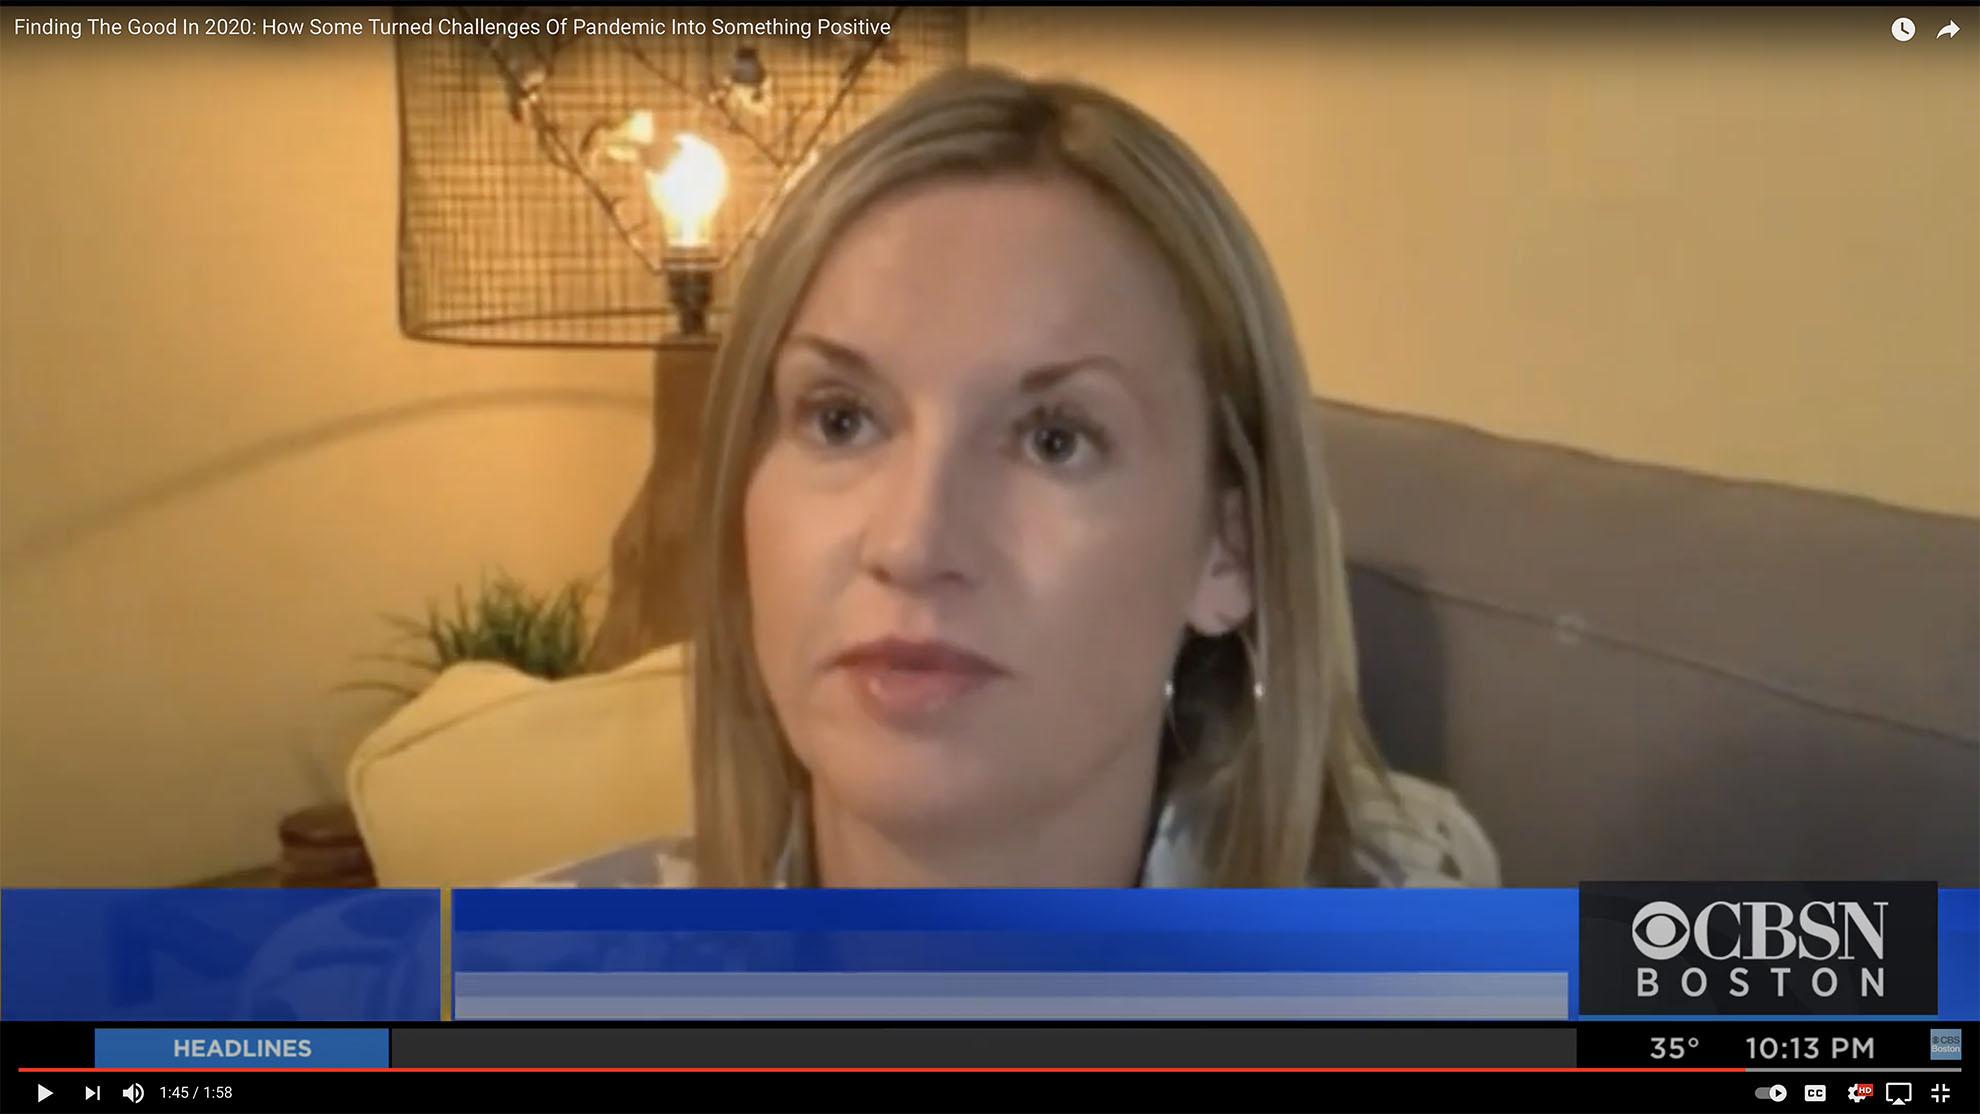 Featured on CBS News